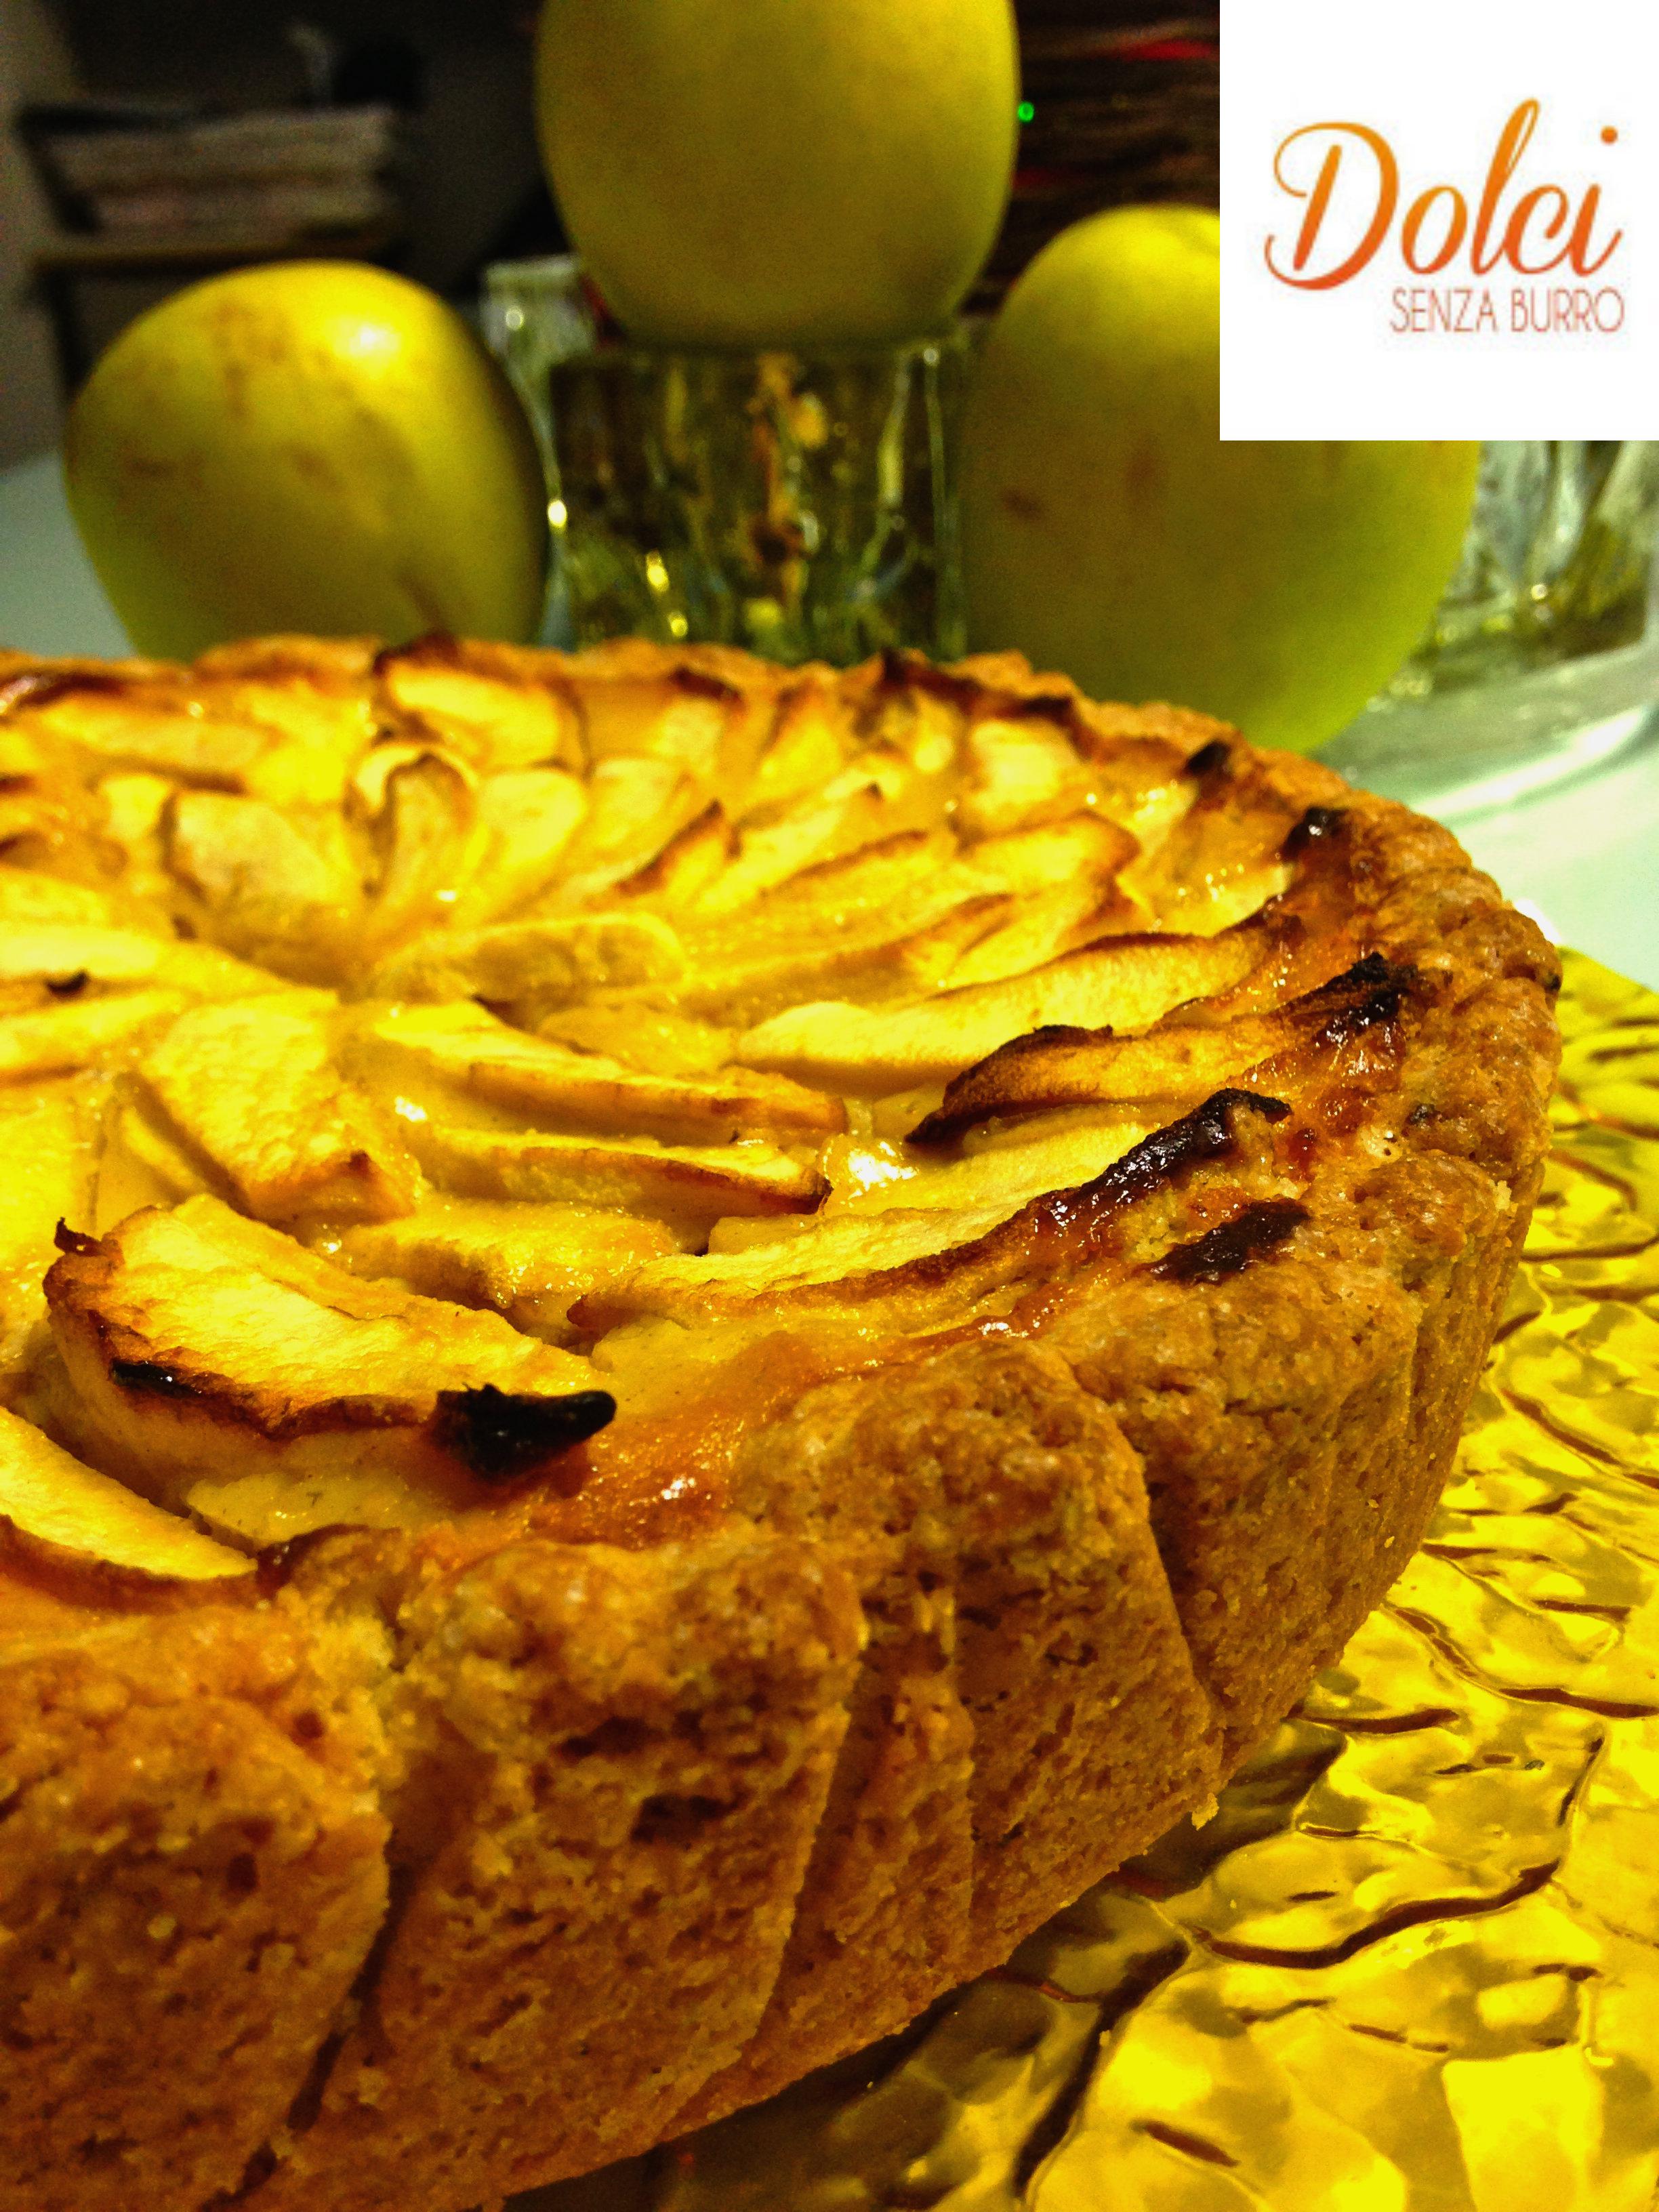 Crostata di Mele e Ricotta Senza Burro, un dolce alle mele speciale di Dolci Senza Burro